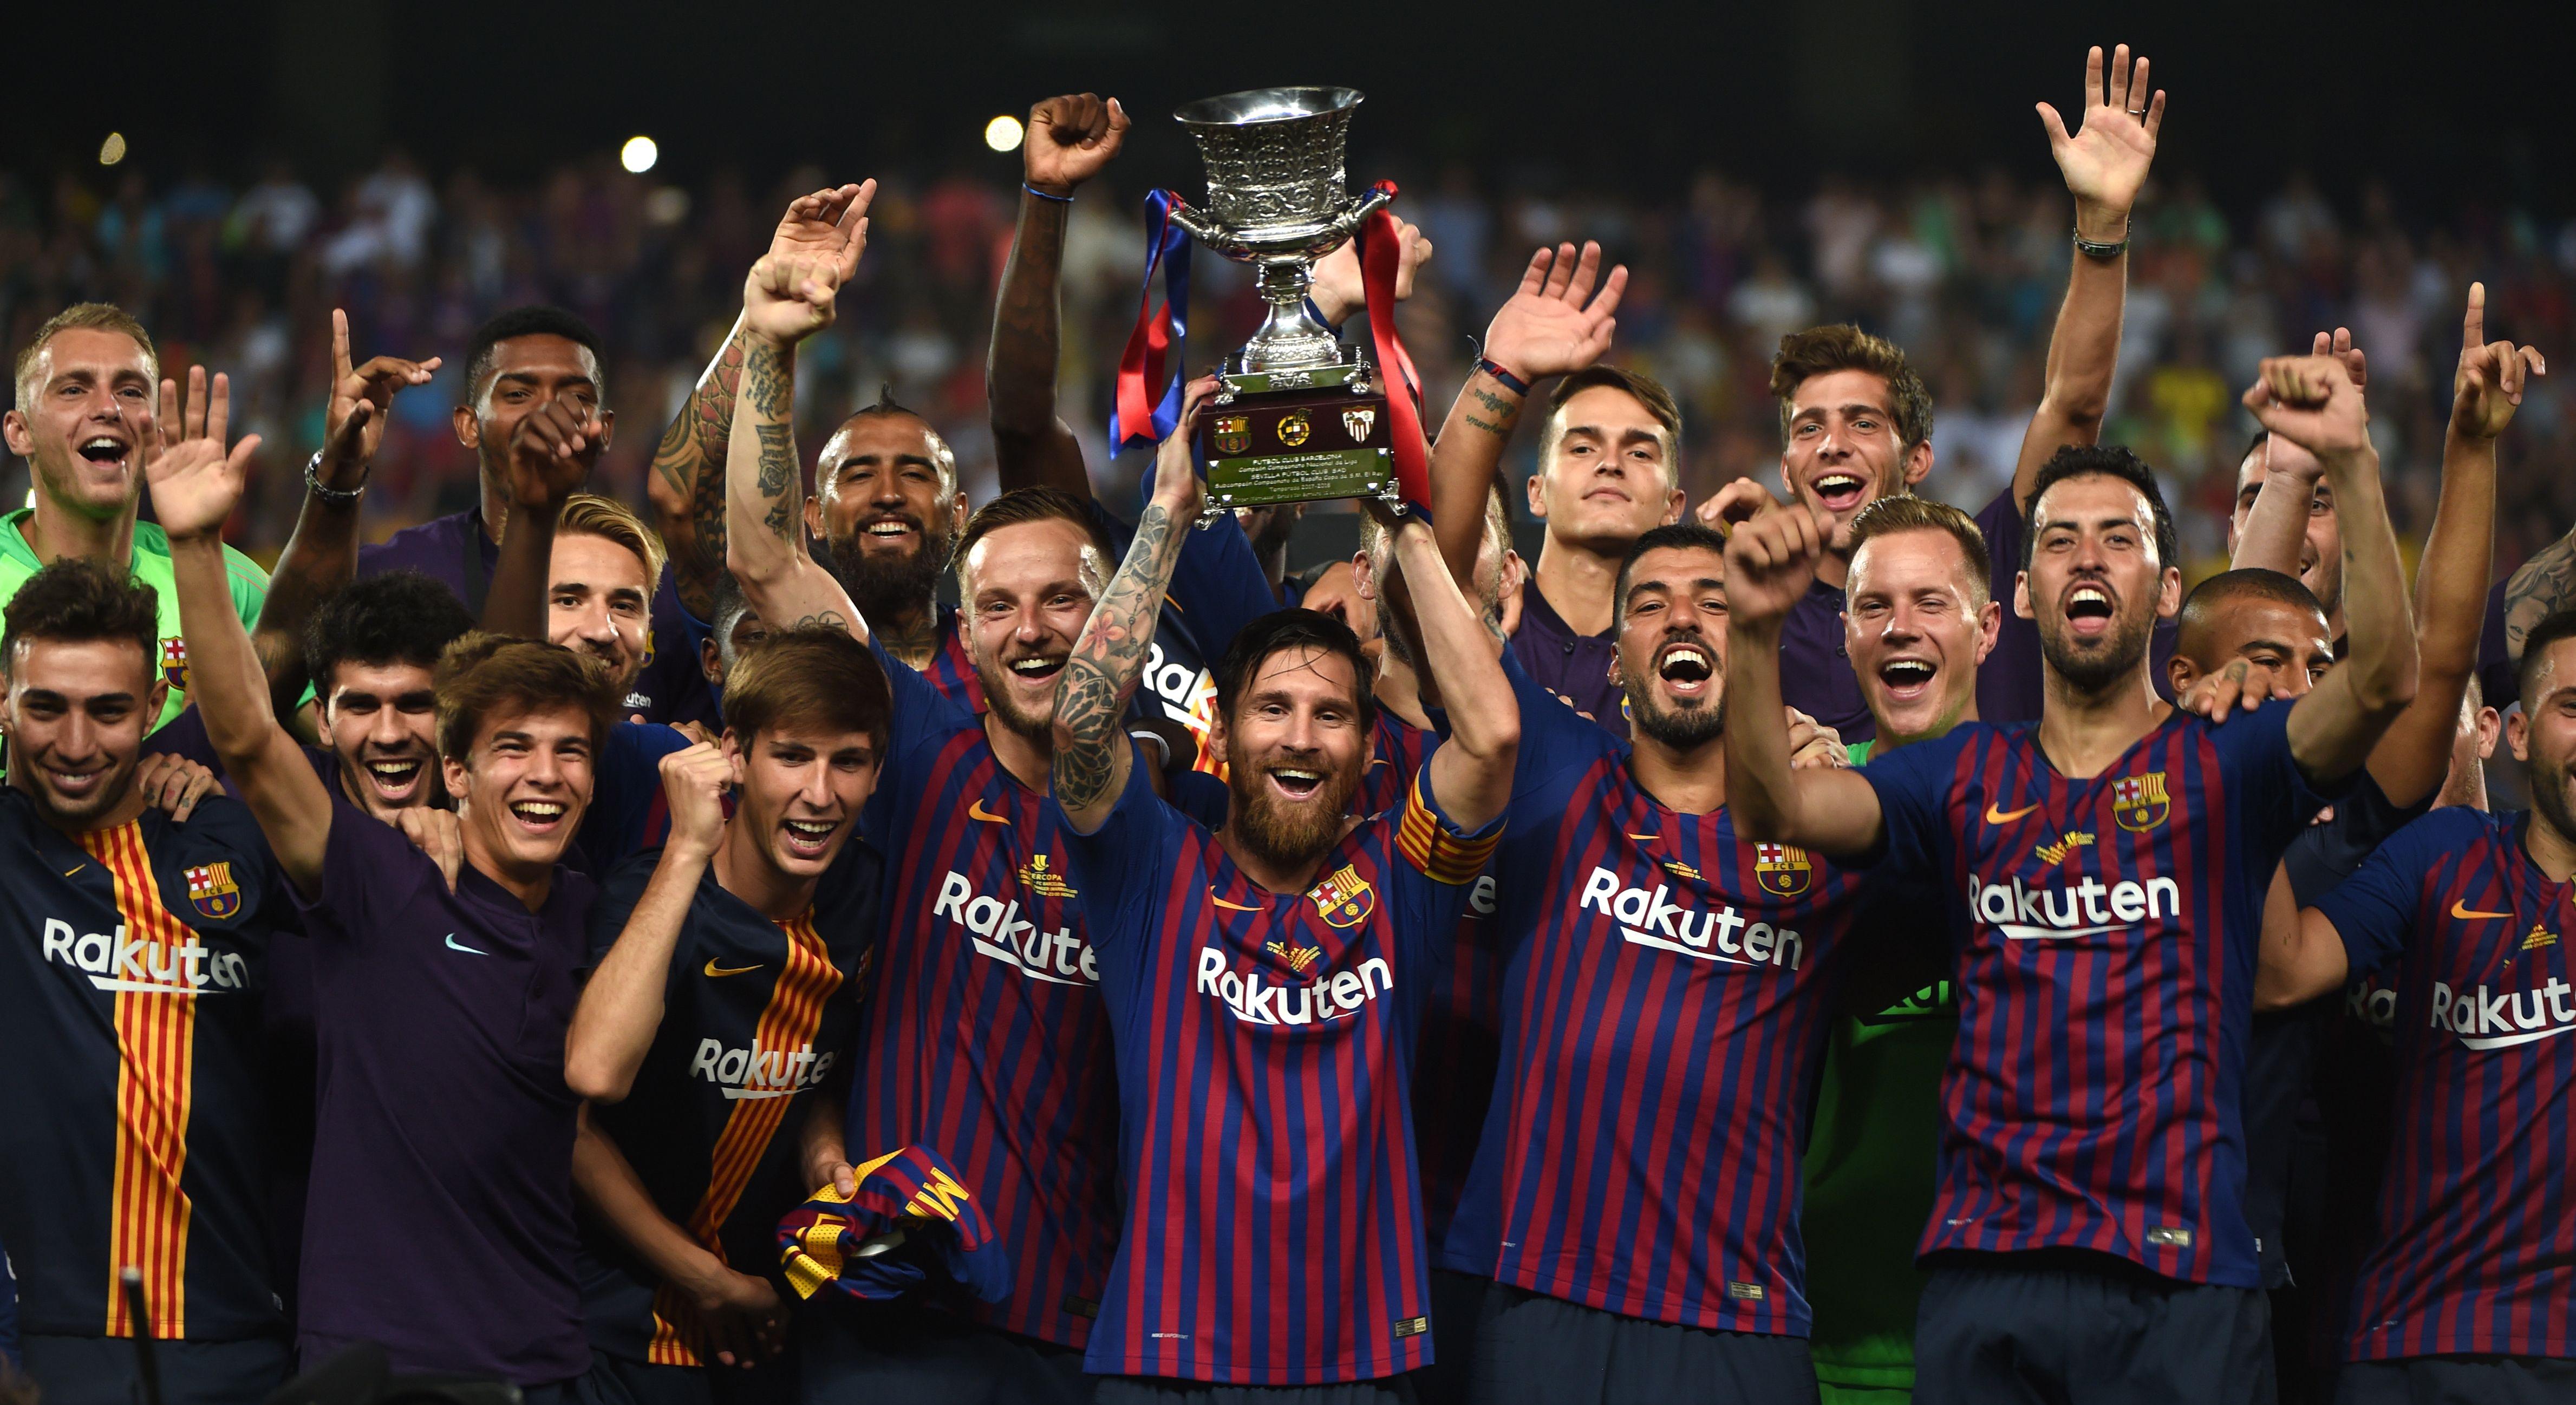 バルセロナ 2018 2019のユニフォームは ホーム アウェーが発表